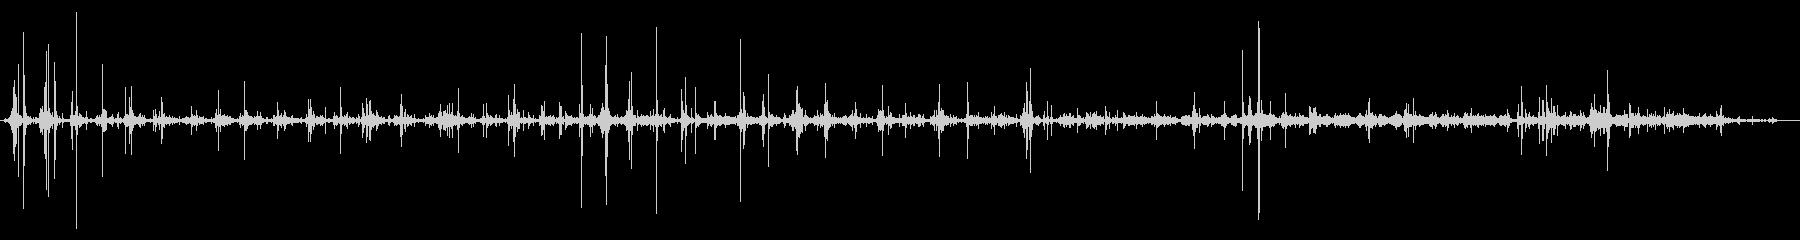 アフリカ紋付きヤマアラシ:ハードフ...の未再生の波形